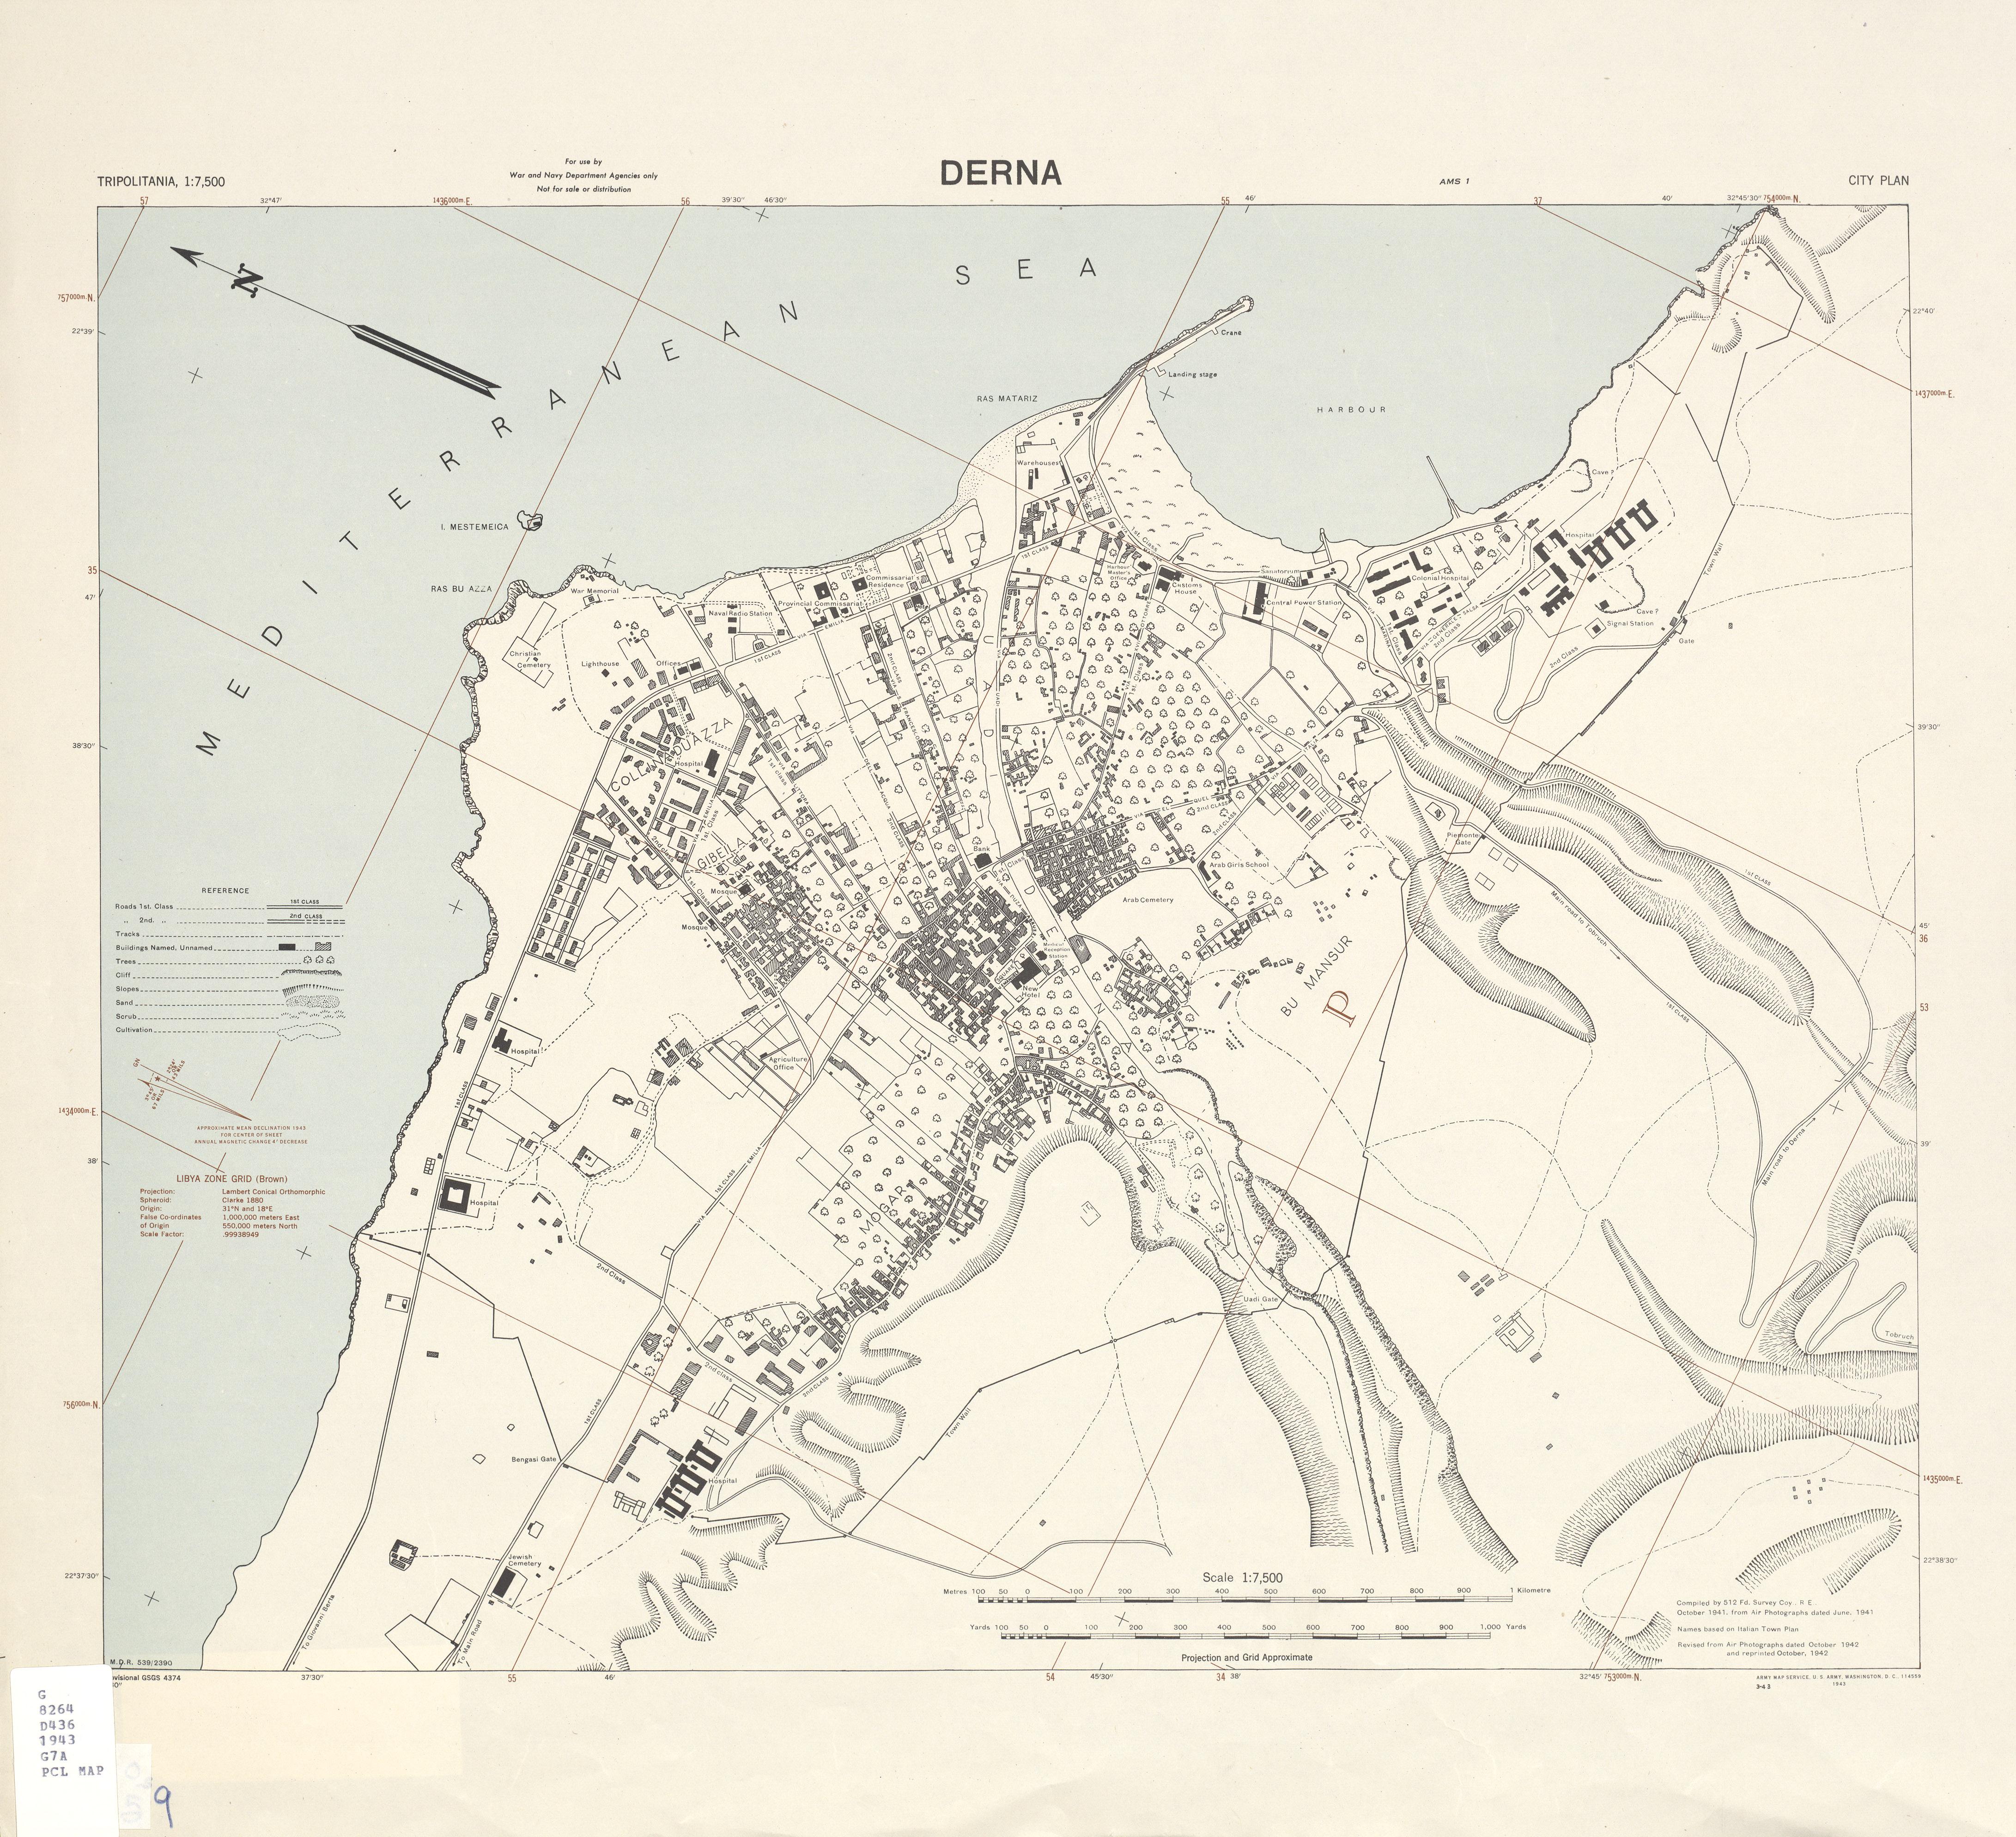 Mapa de la Ciudad de Derna, Libia 1943